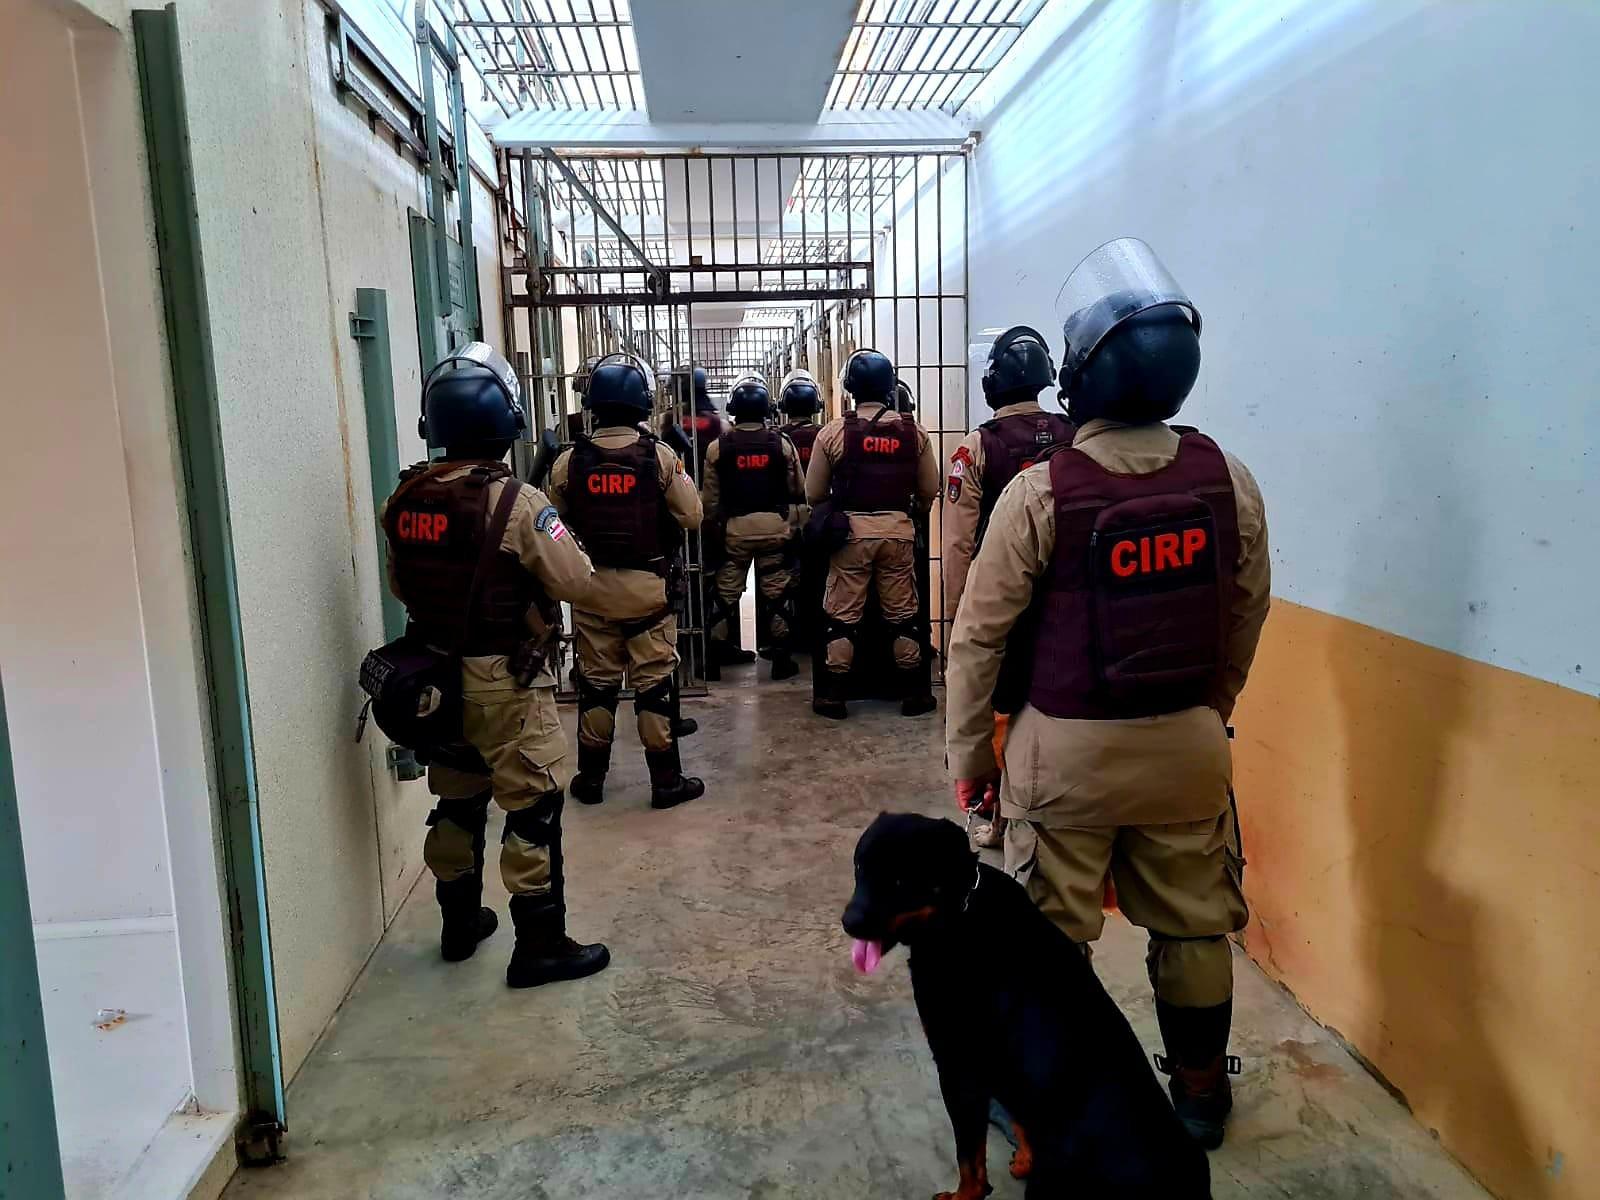 Operação apreende celulares, drogas e faca artesanal em celas de presídio, em Salvador